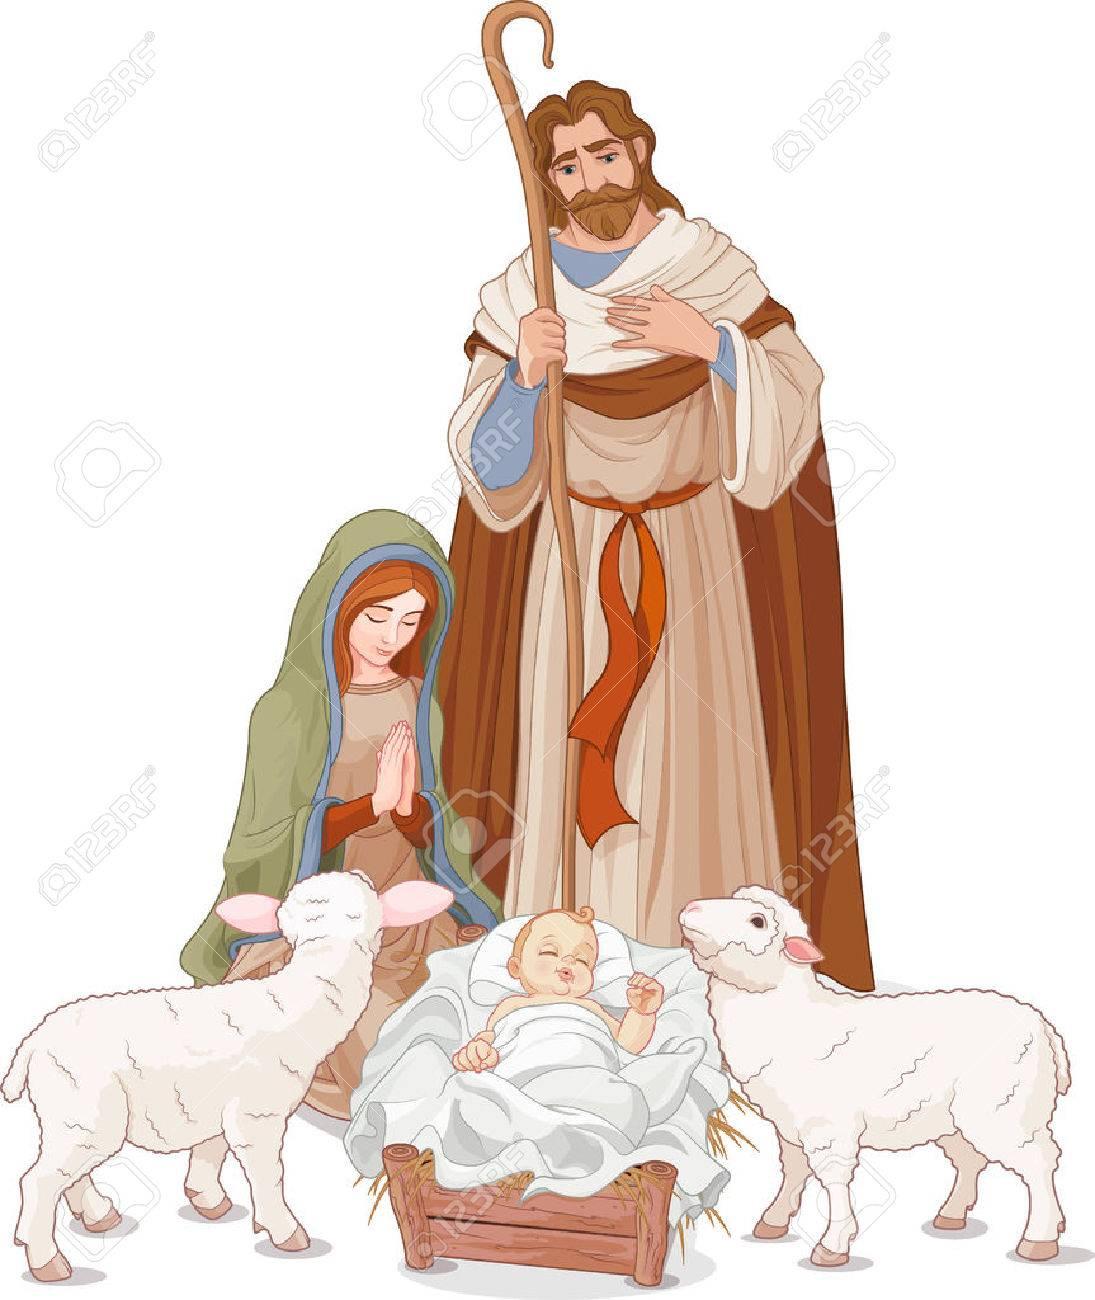 Fotos De Navidad Del Nino Jesus.Pesebre De Navidad Con Maria Jose Y El Nino Jesus